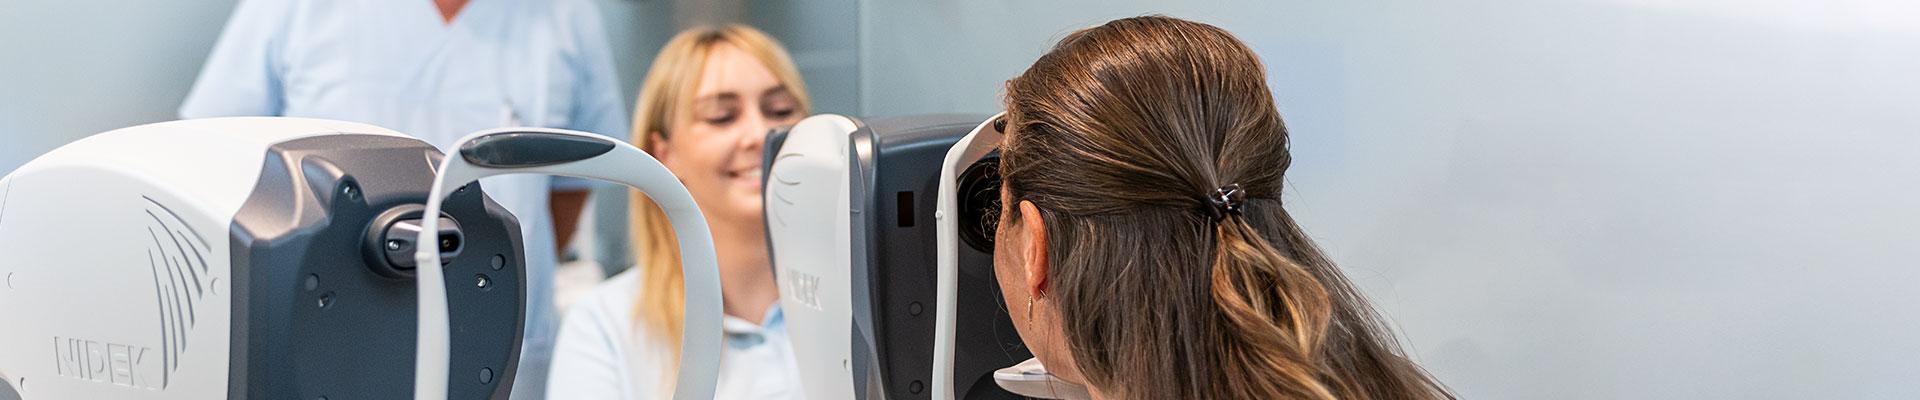 Leistungen Augenarzt